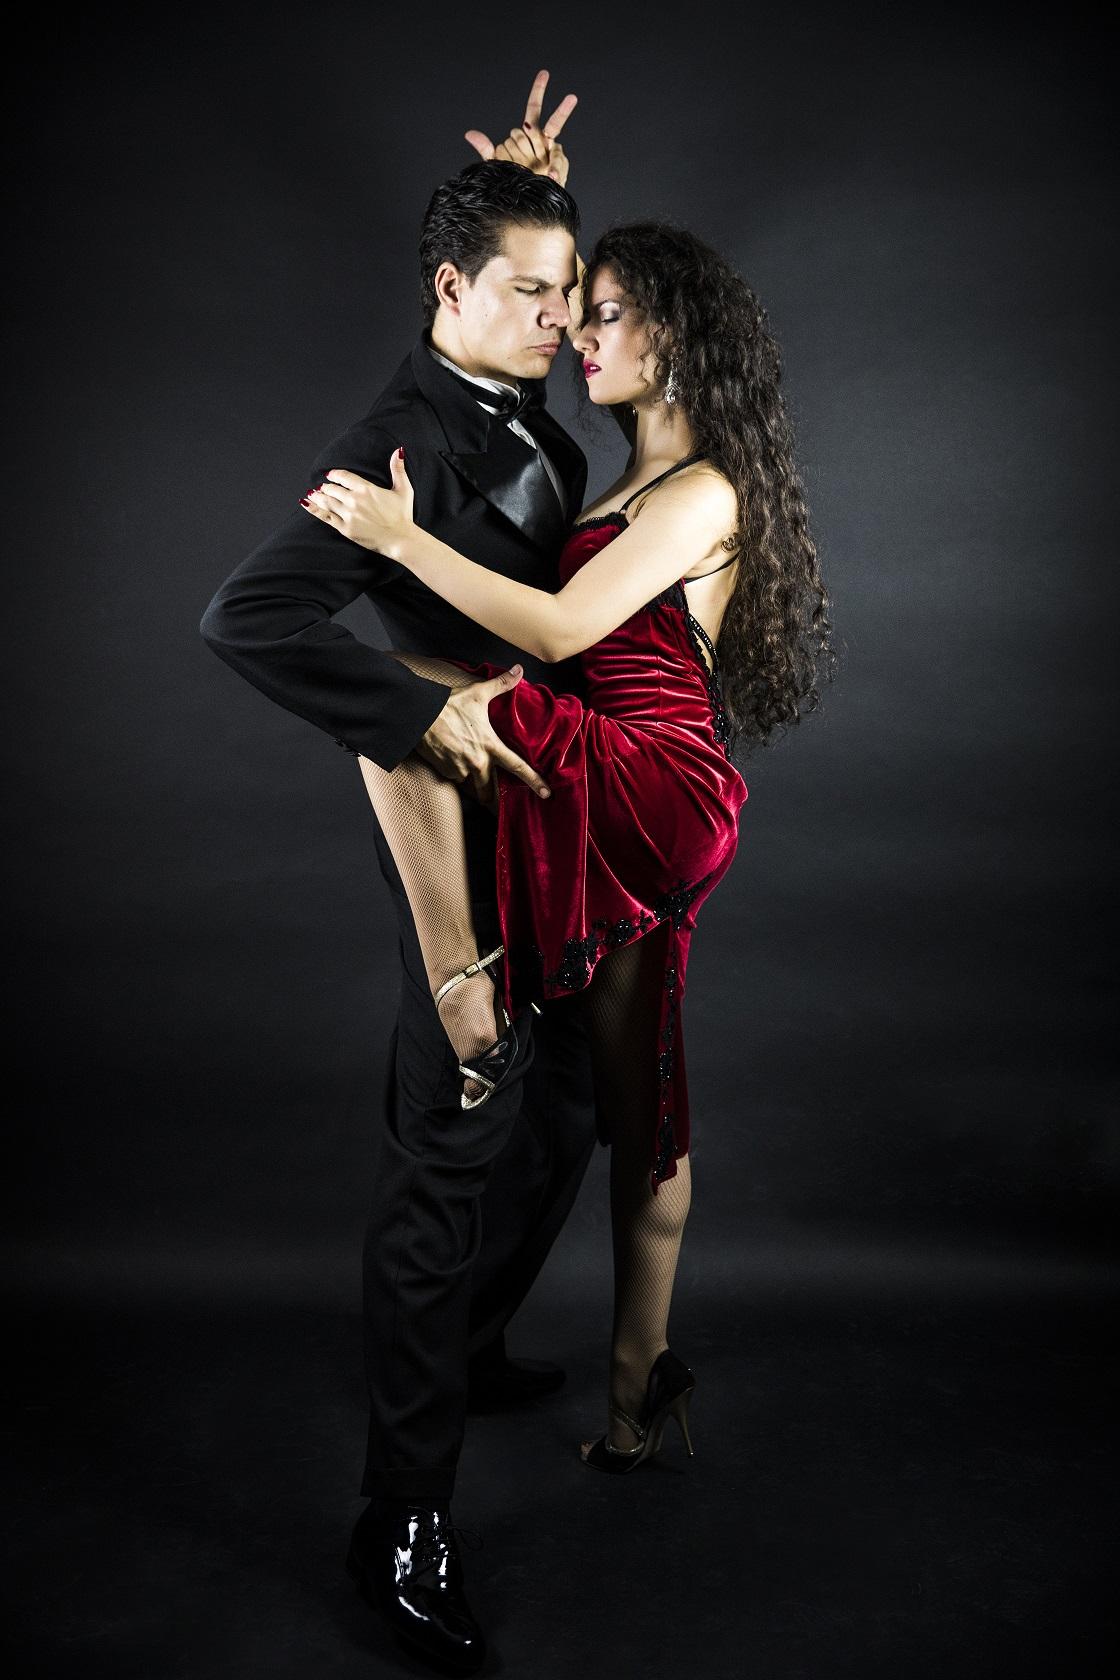 sito di Tango datingDating britannico spettacolo metodo Raider